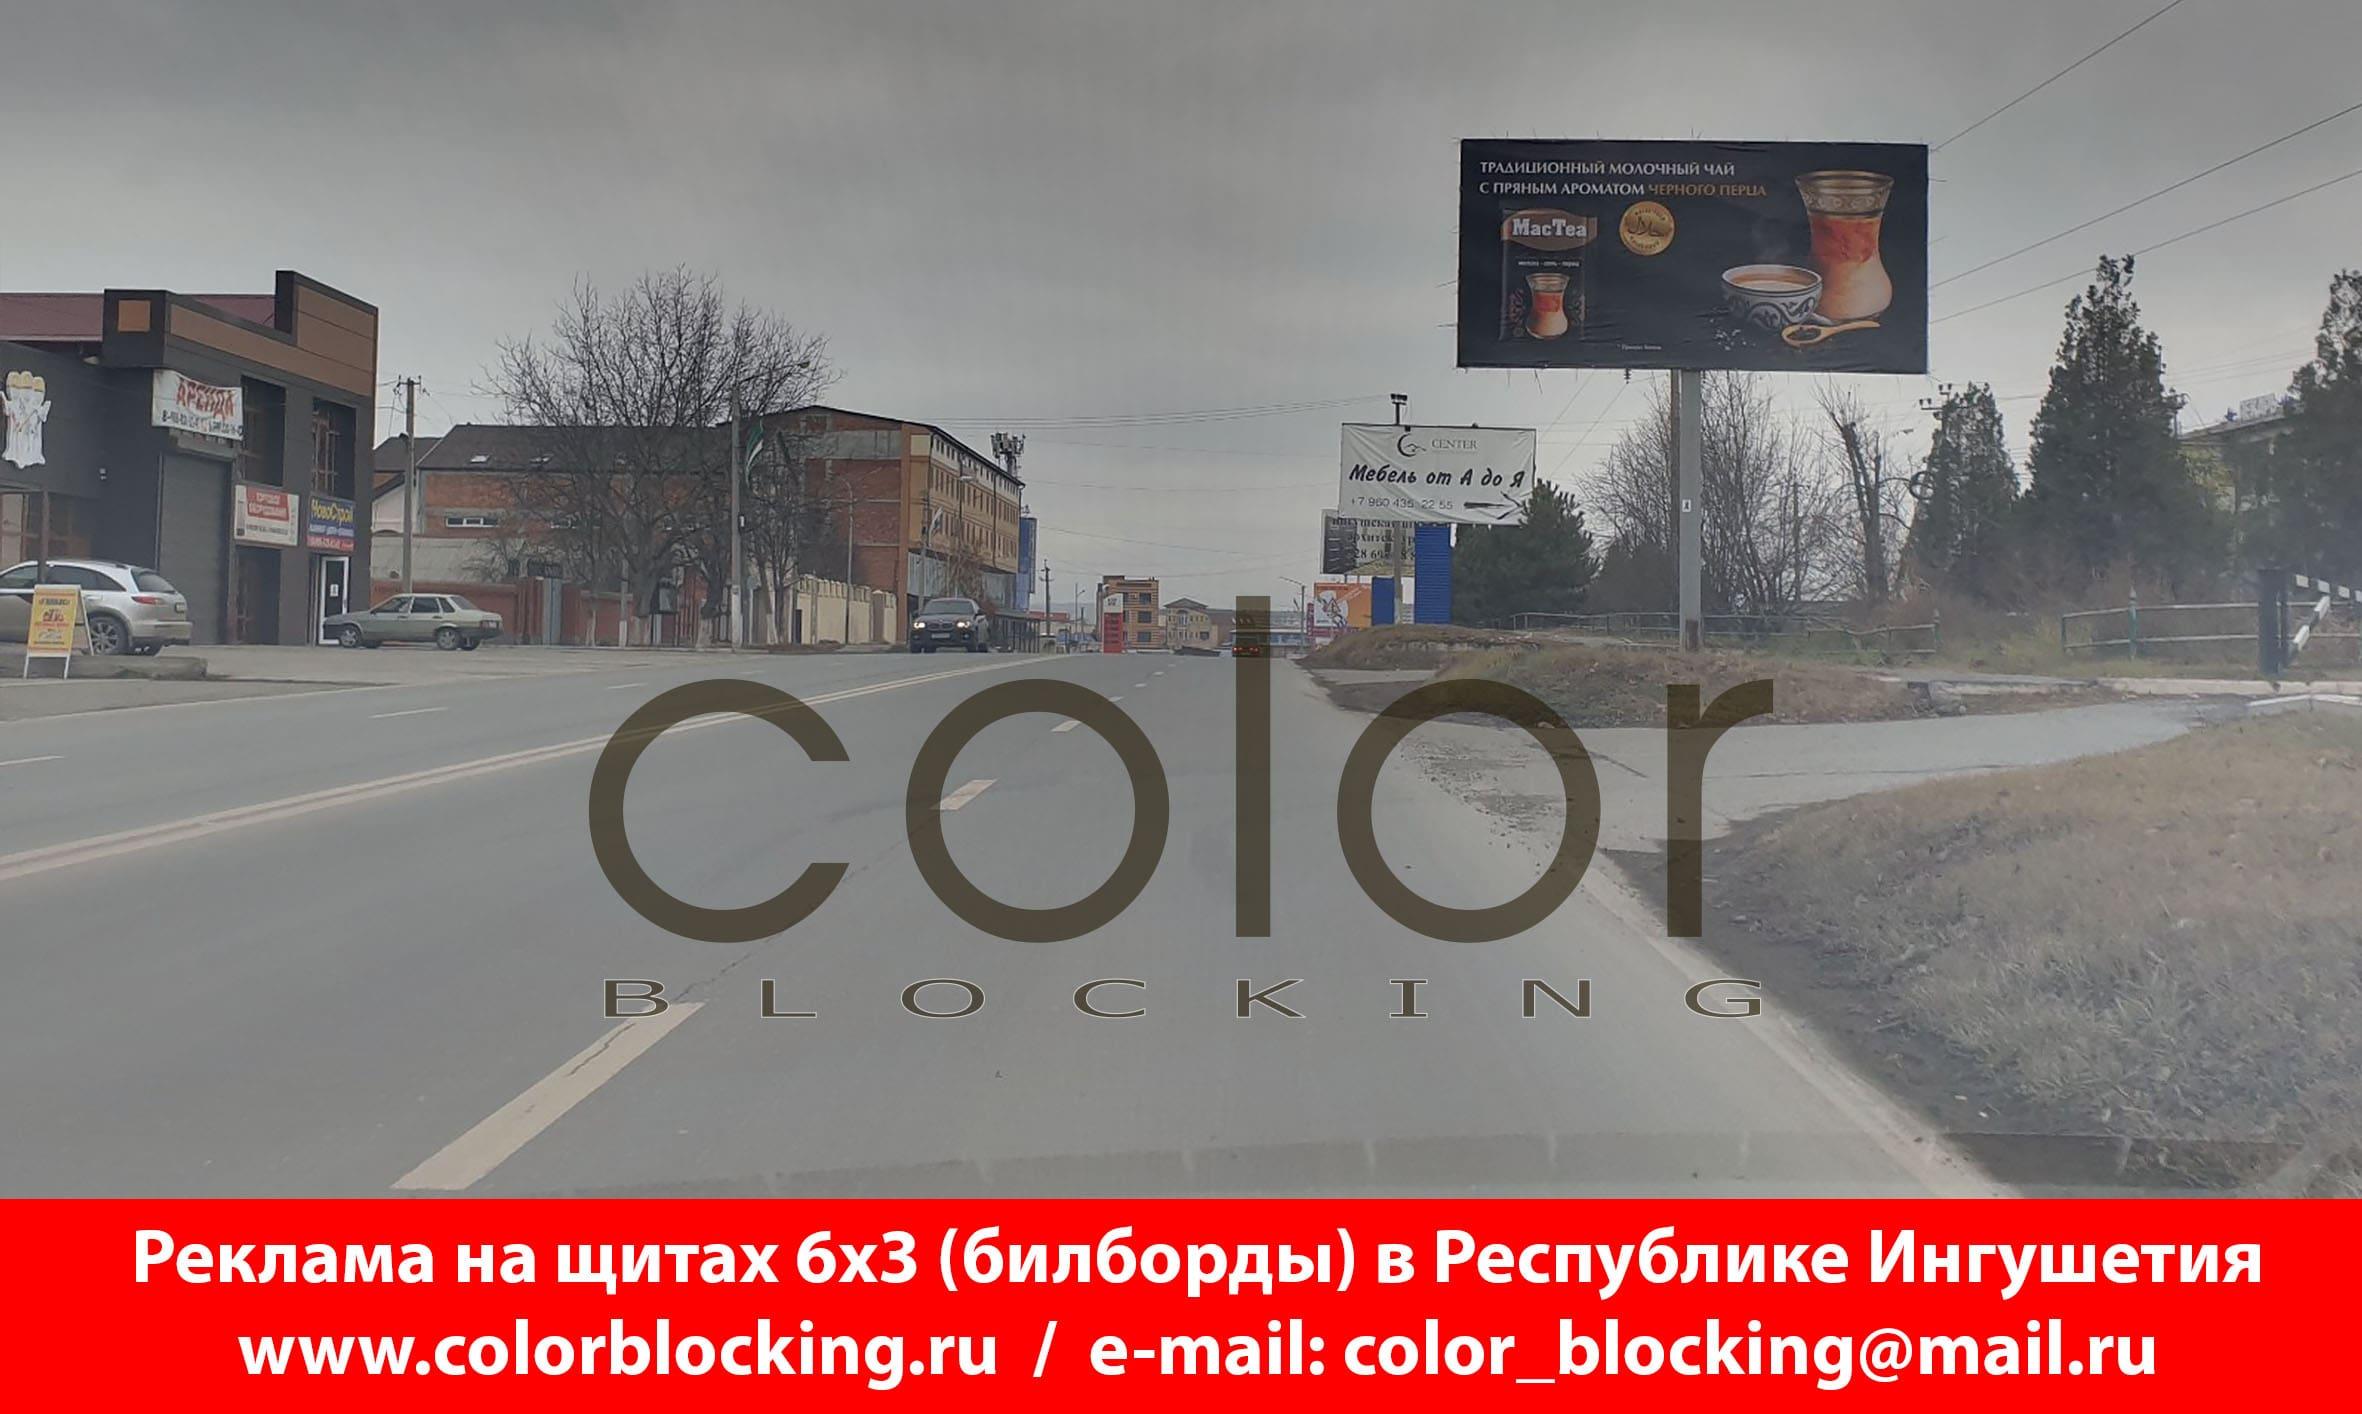 Реклама в Ингушетии на щитах 6х3 Тангиева